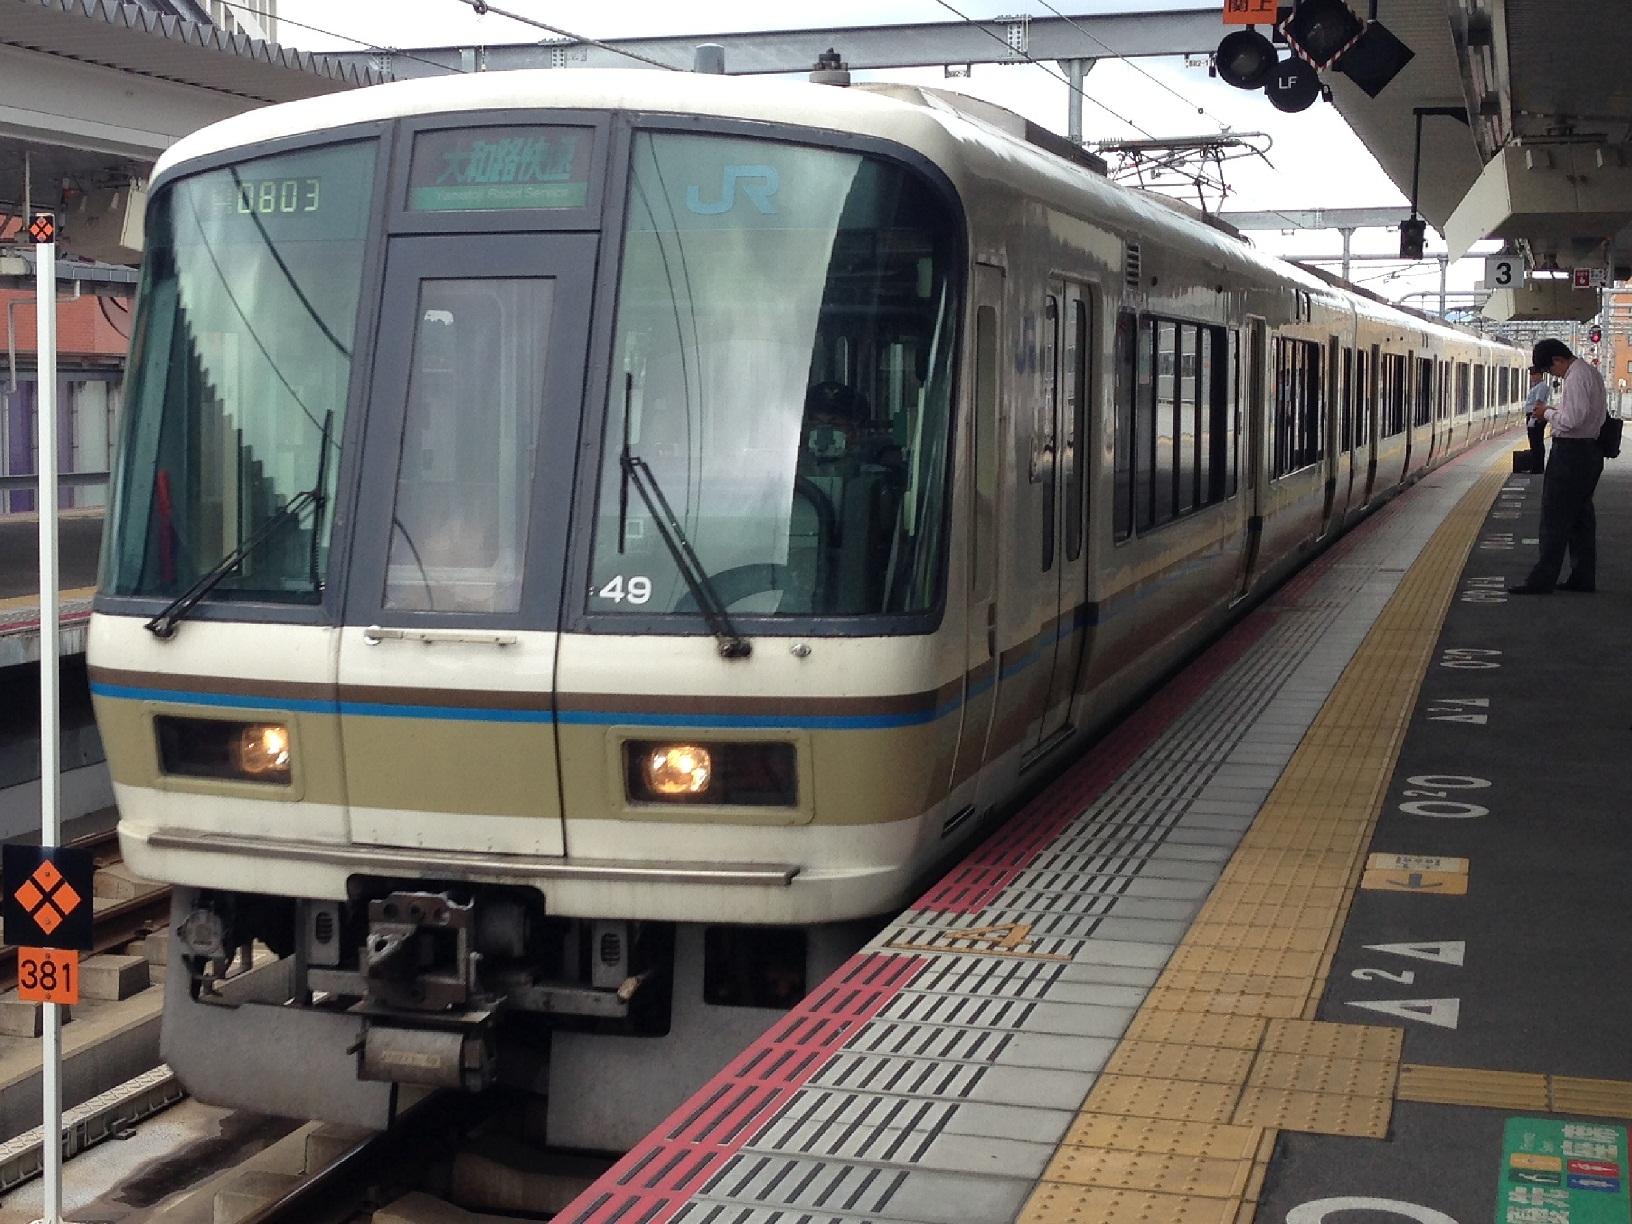 jrw-221-yamato.jpg